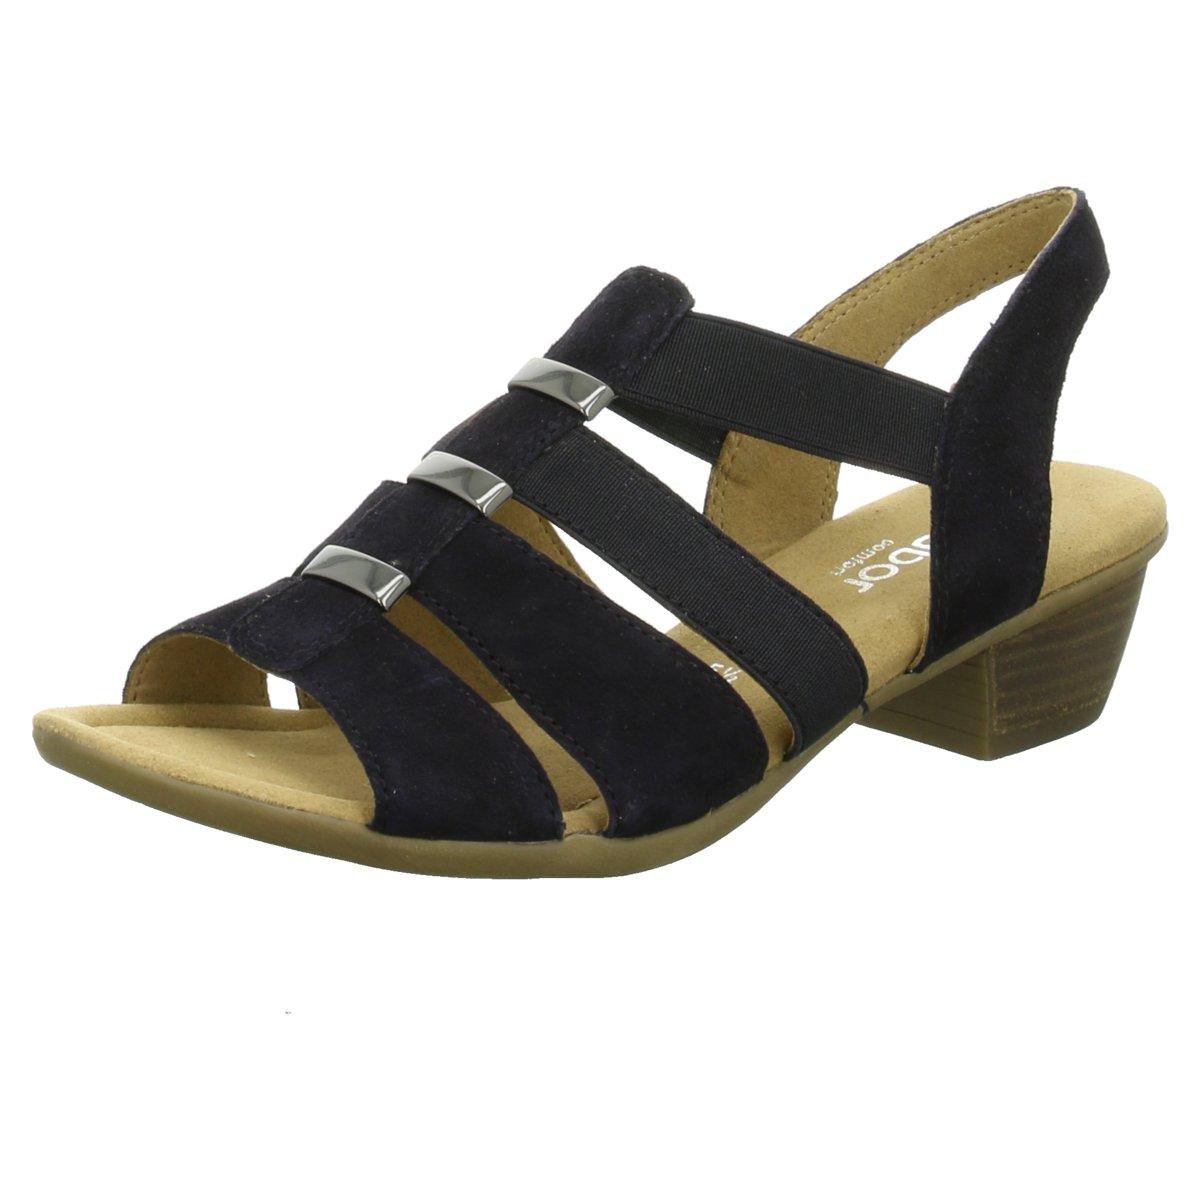 Details zu Gabor comfort Damen Sandaletten blau 45180